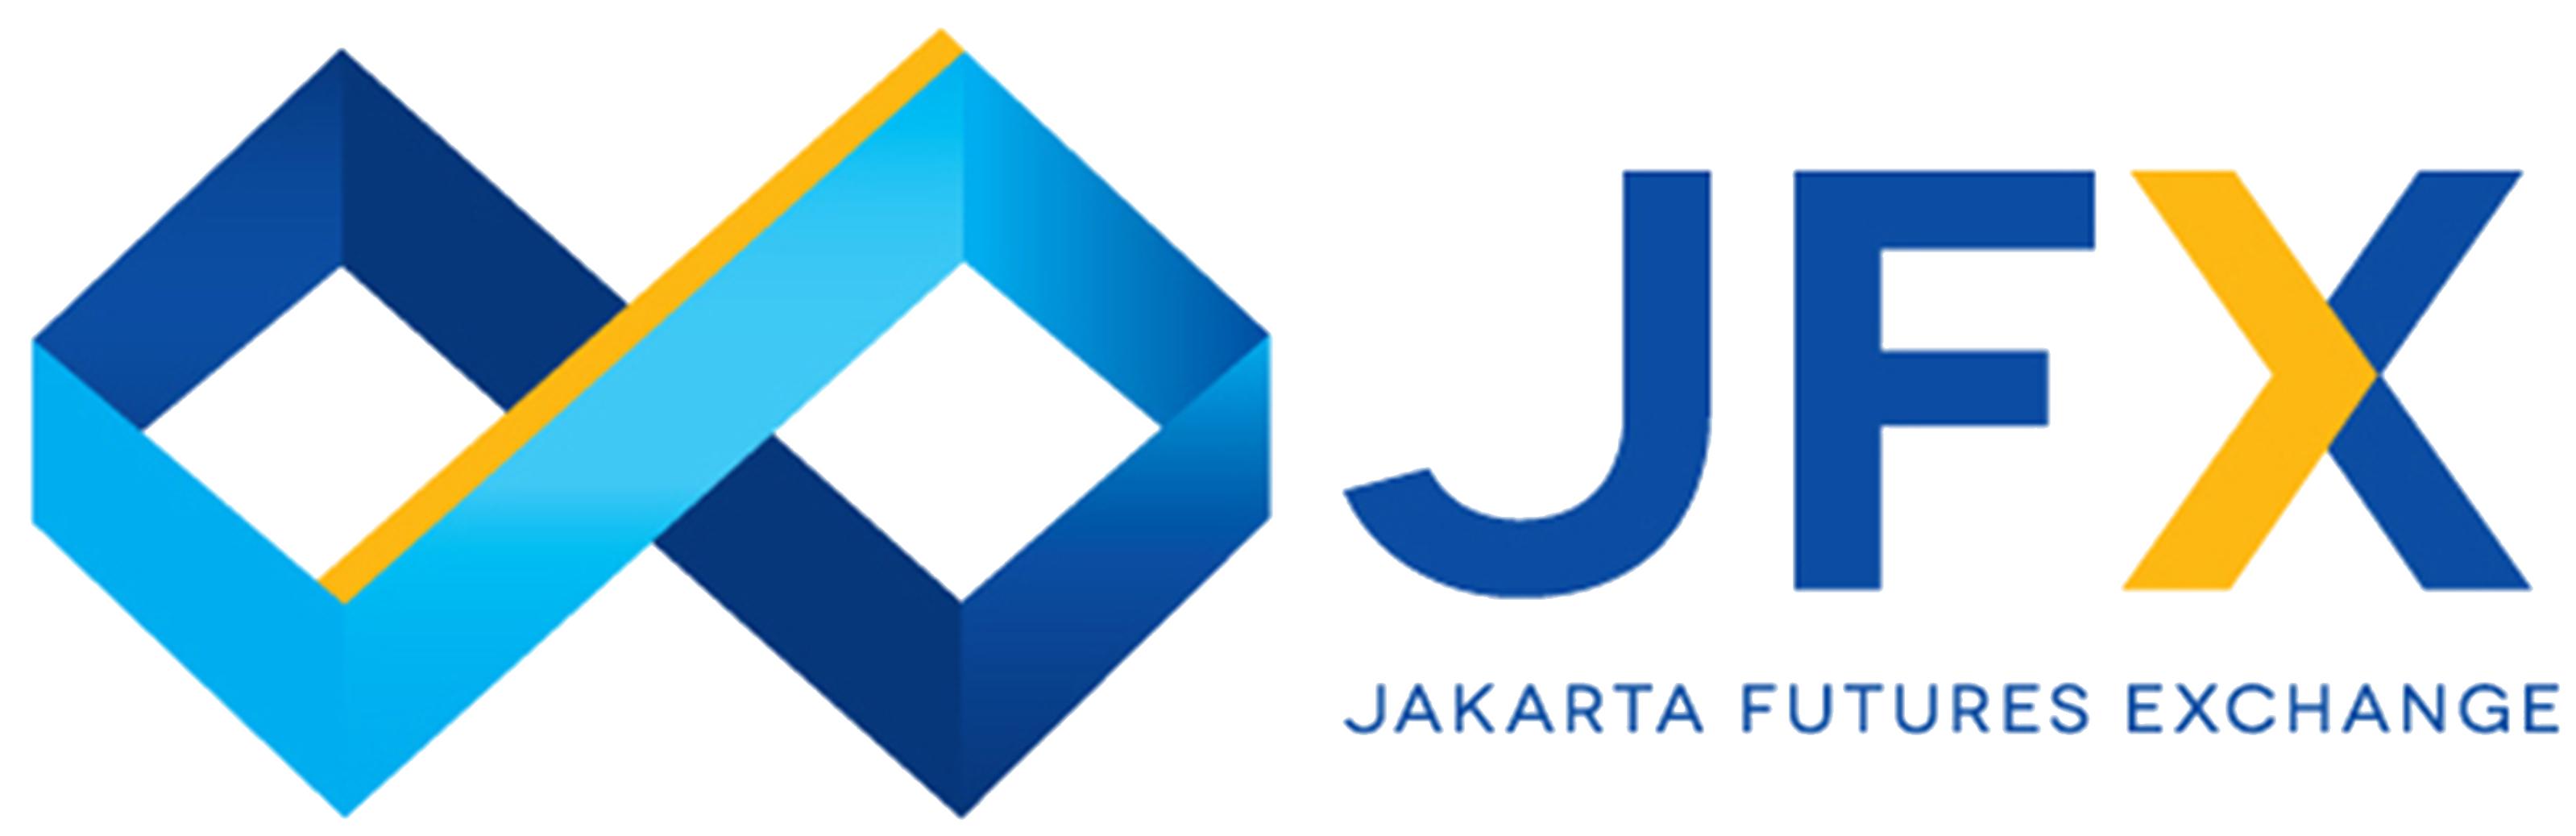 Jakarta Futures Exchange - AFM